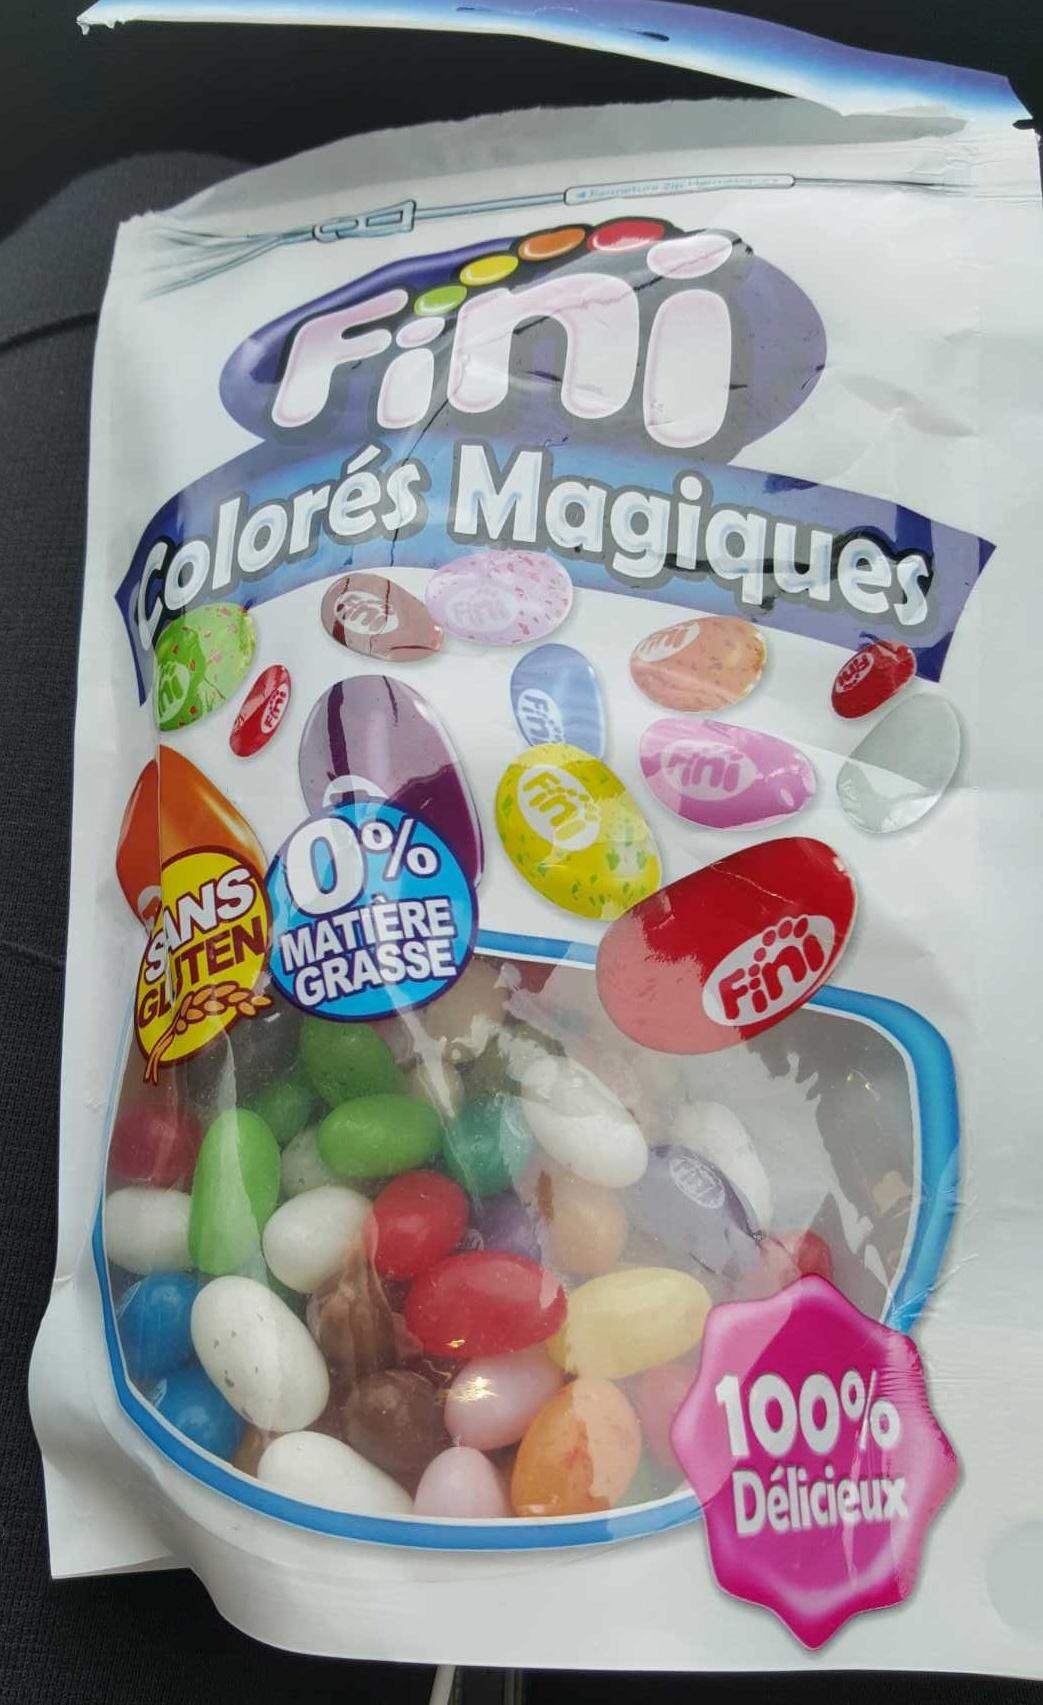 Colorés magiques - Product